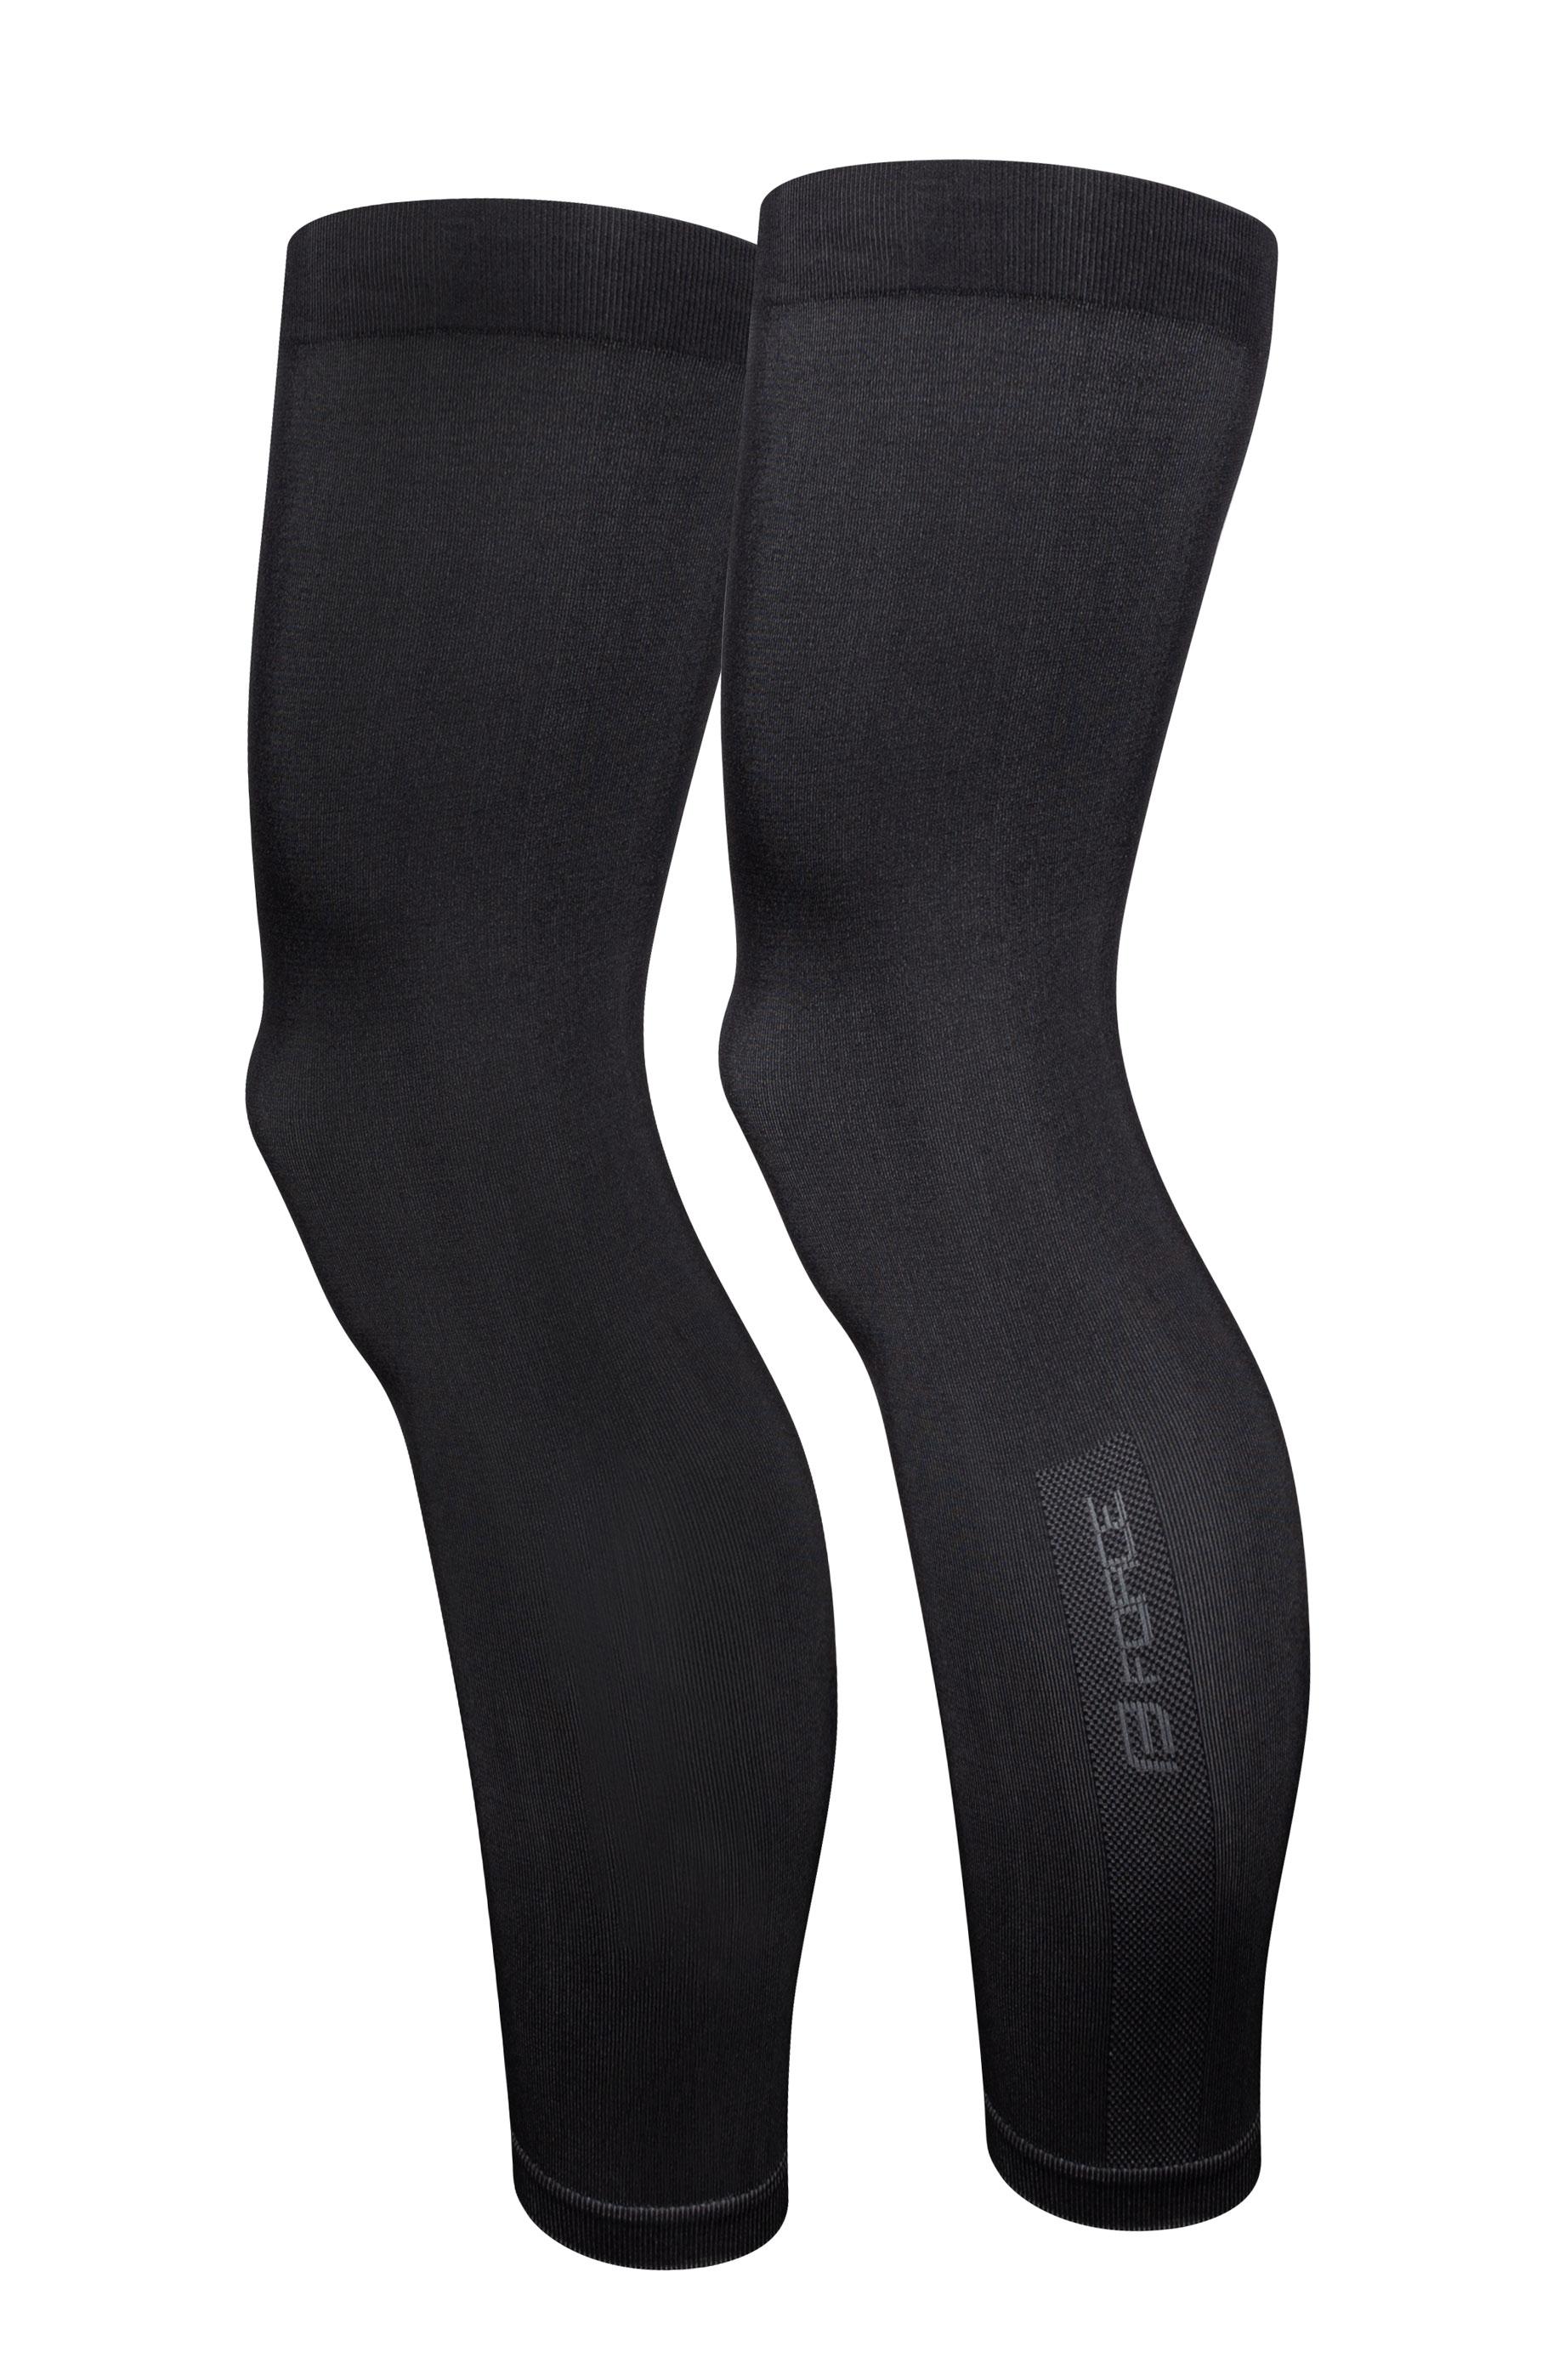 návleky na nohy F BREEZE pletené, černé XL-XXL